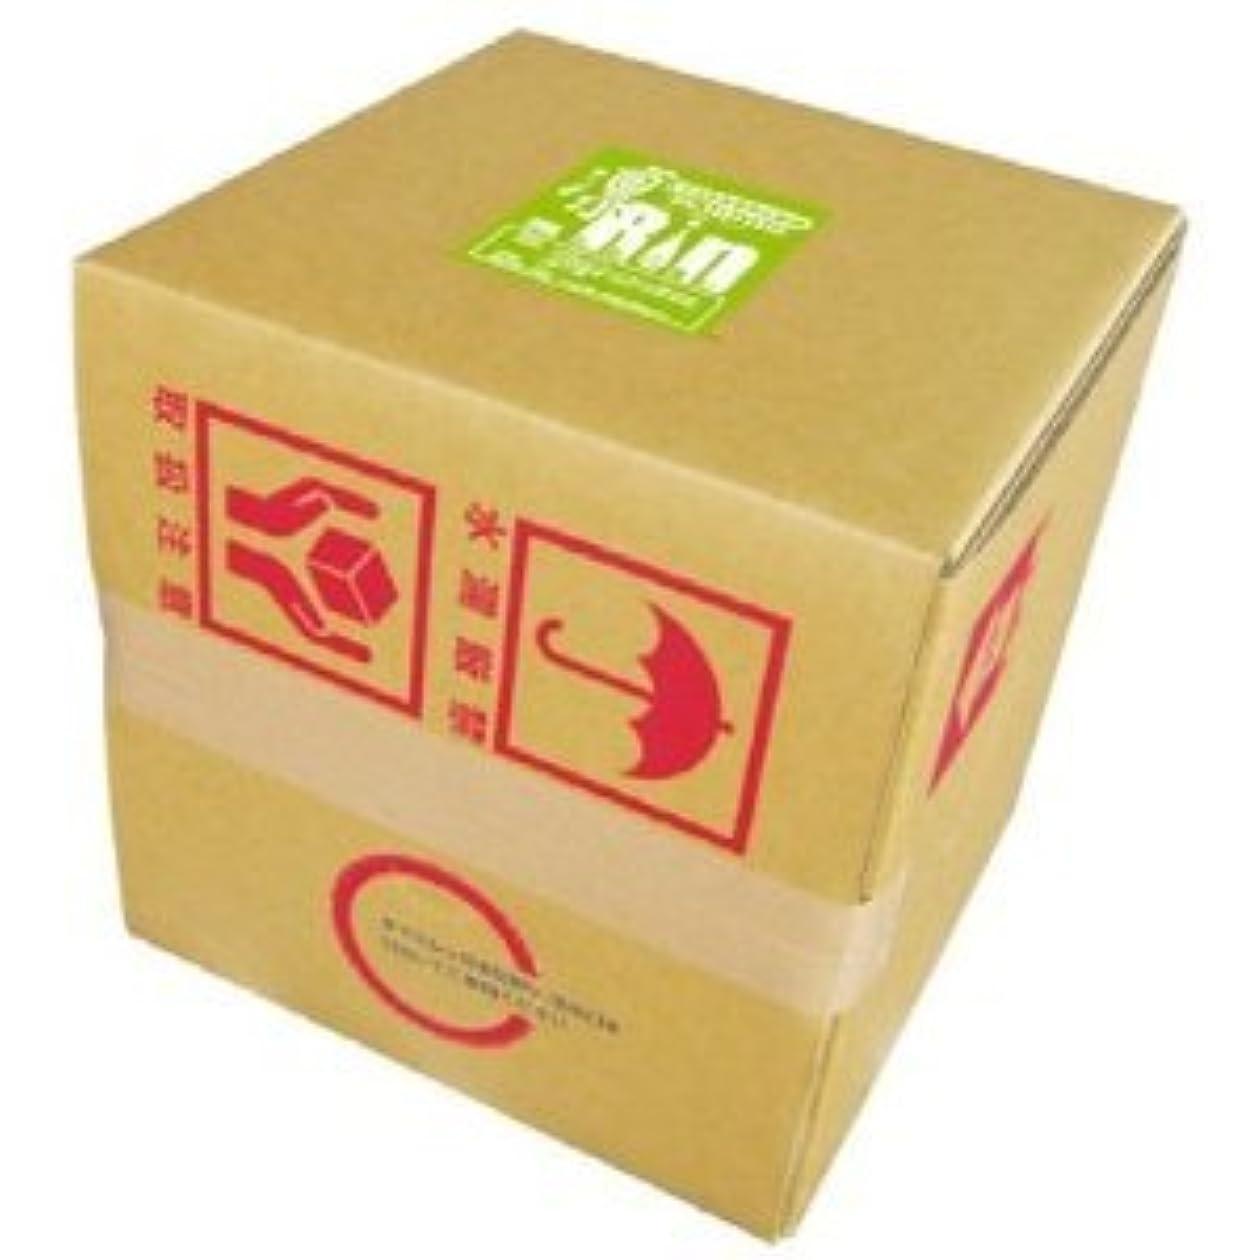 ツーリスト買収シリングくさの葉化粧品 ボディソープ 凛 20リットル 箱